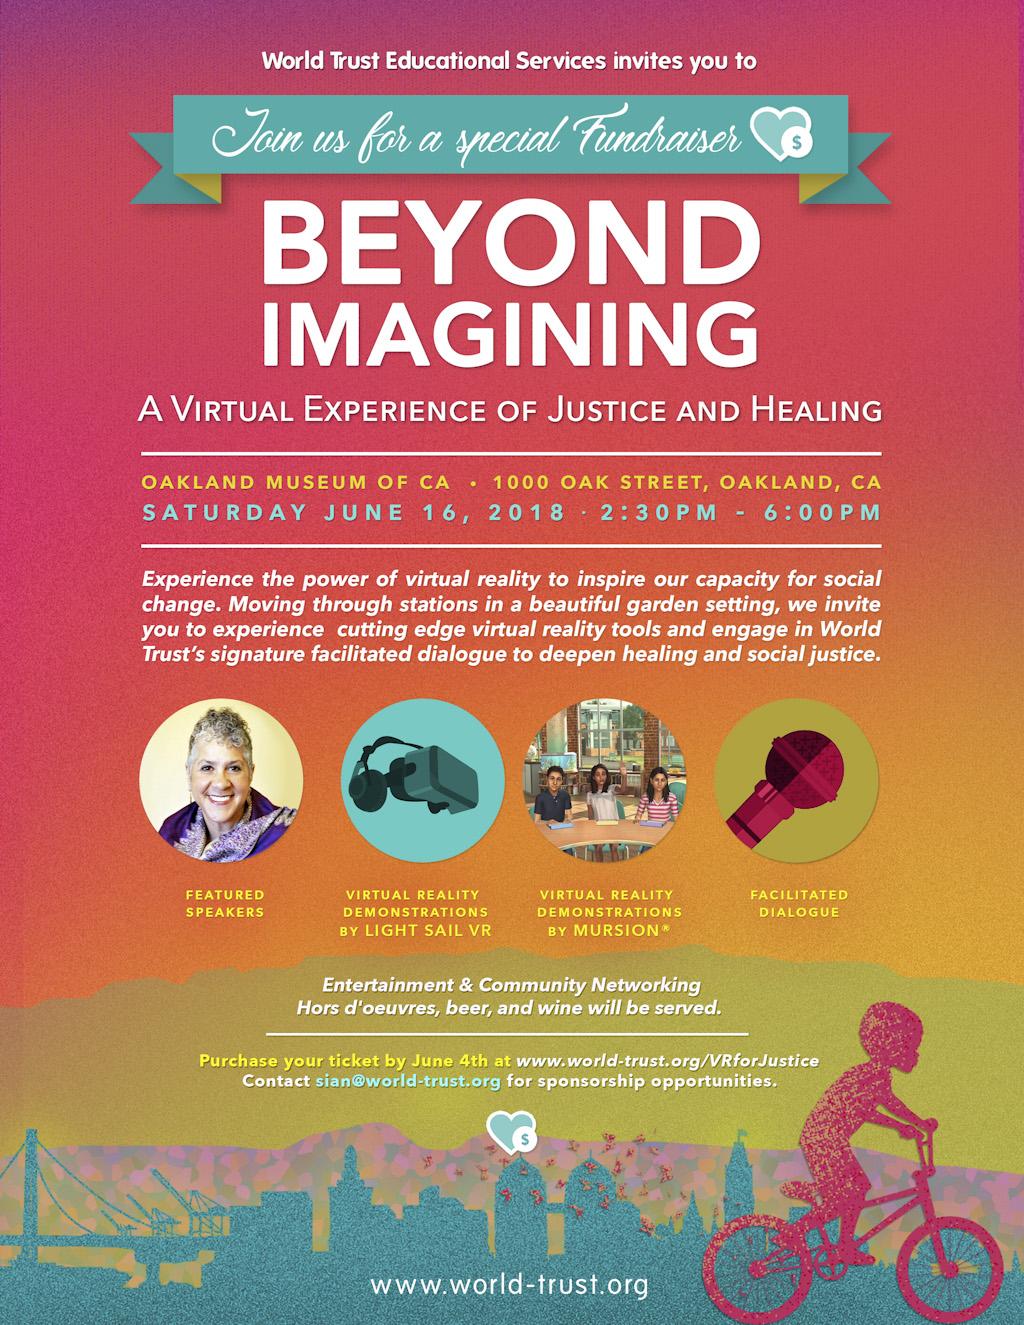 Beyond Imagining Digital Flyer - VR & Social Justice